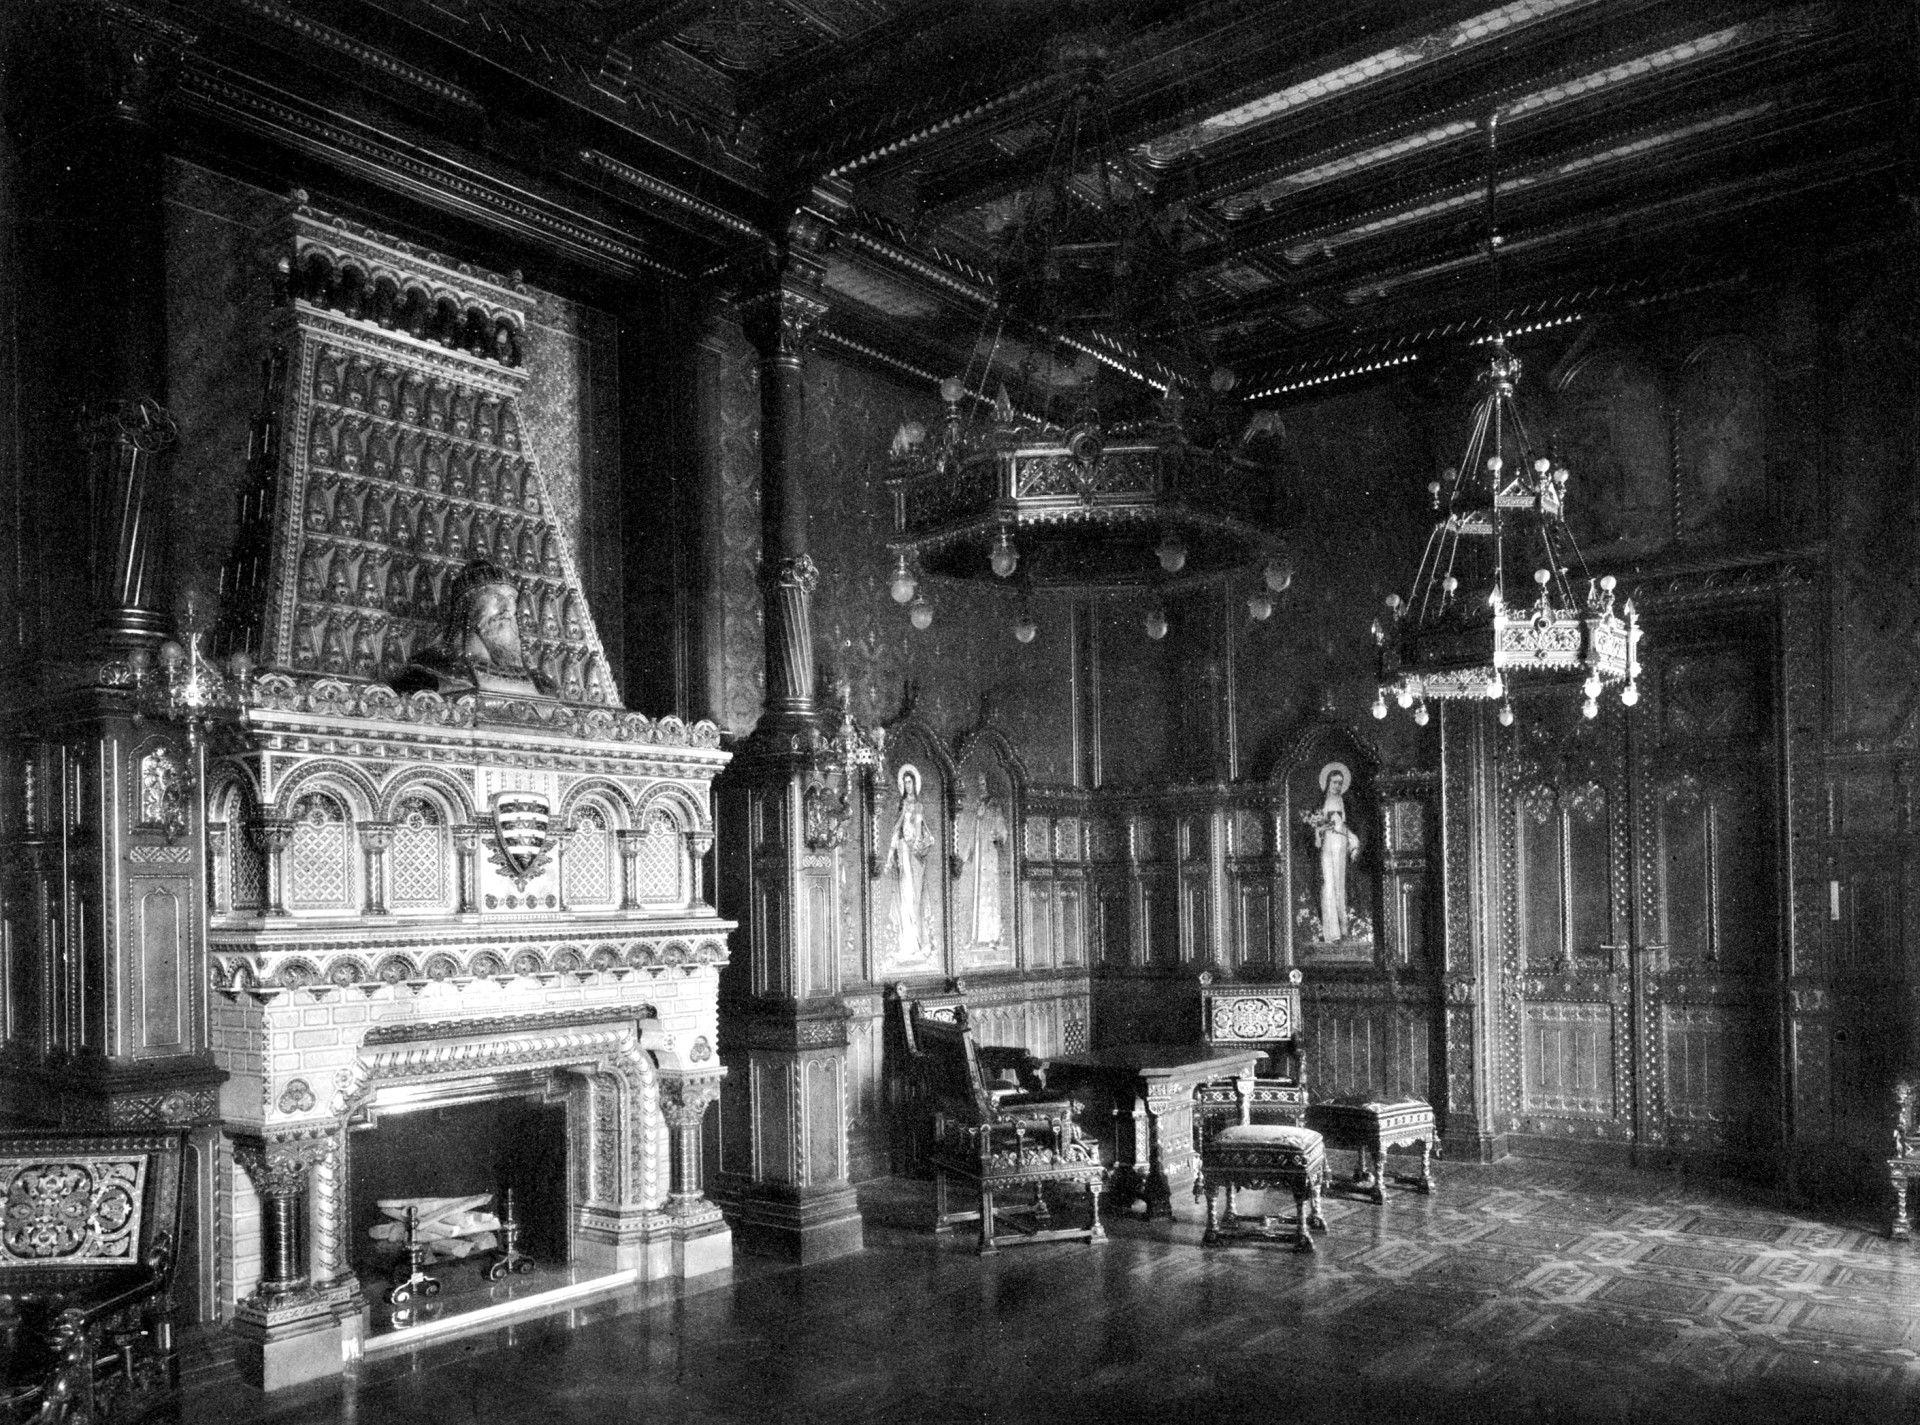 Szent István-terem - A FSZEK Budapest Gyűjtemény engedélyével